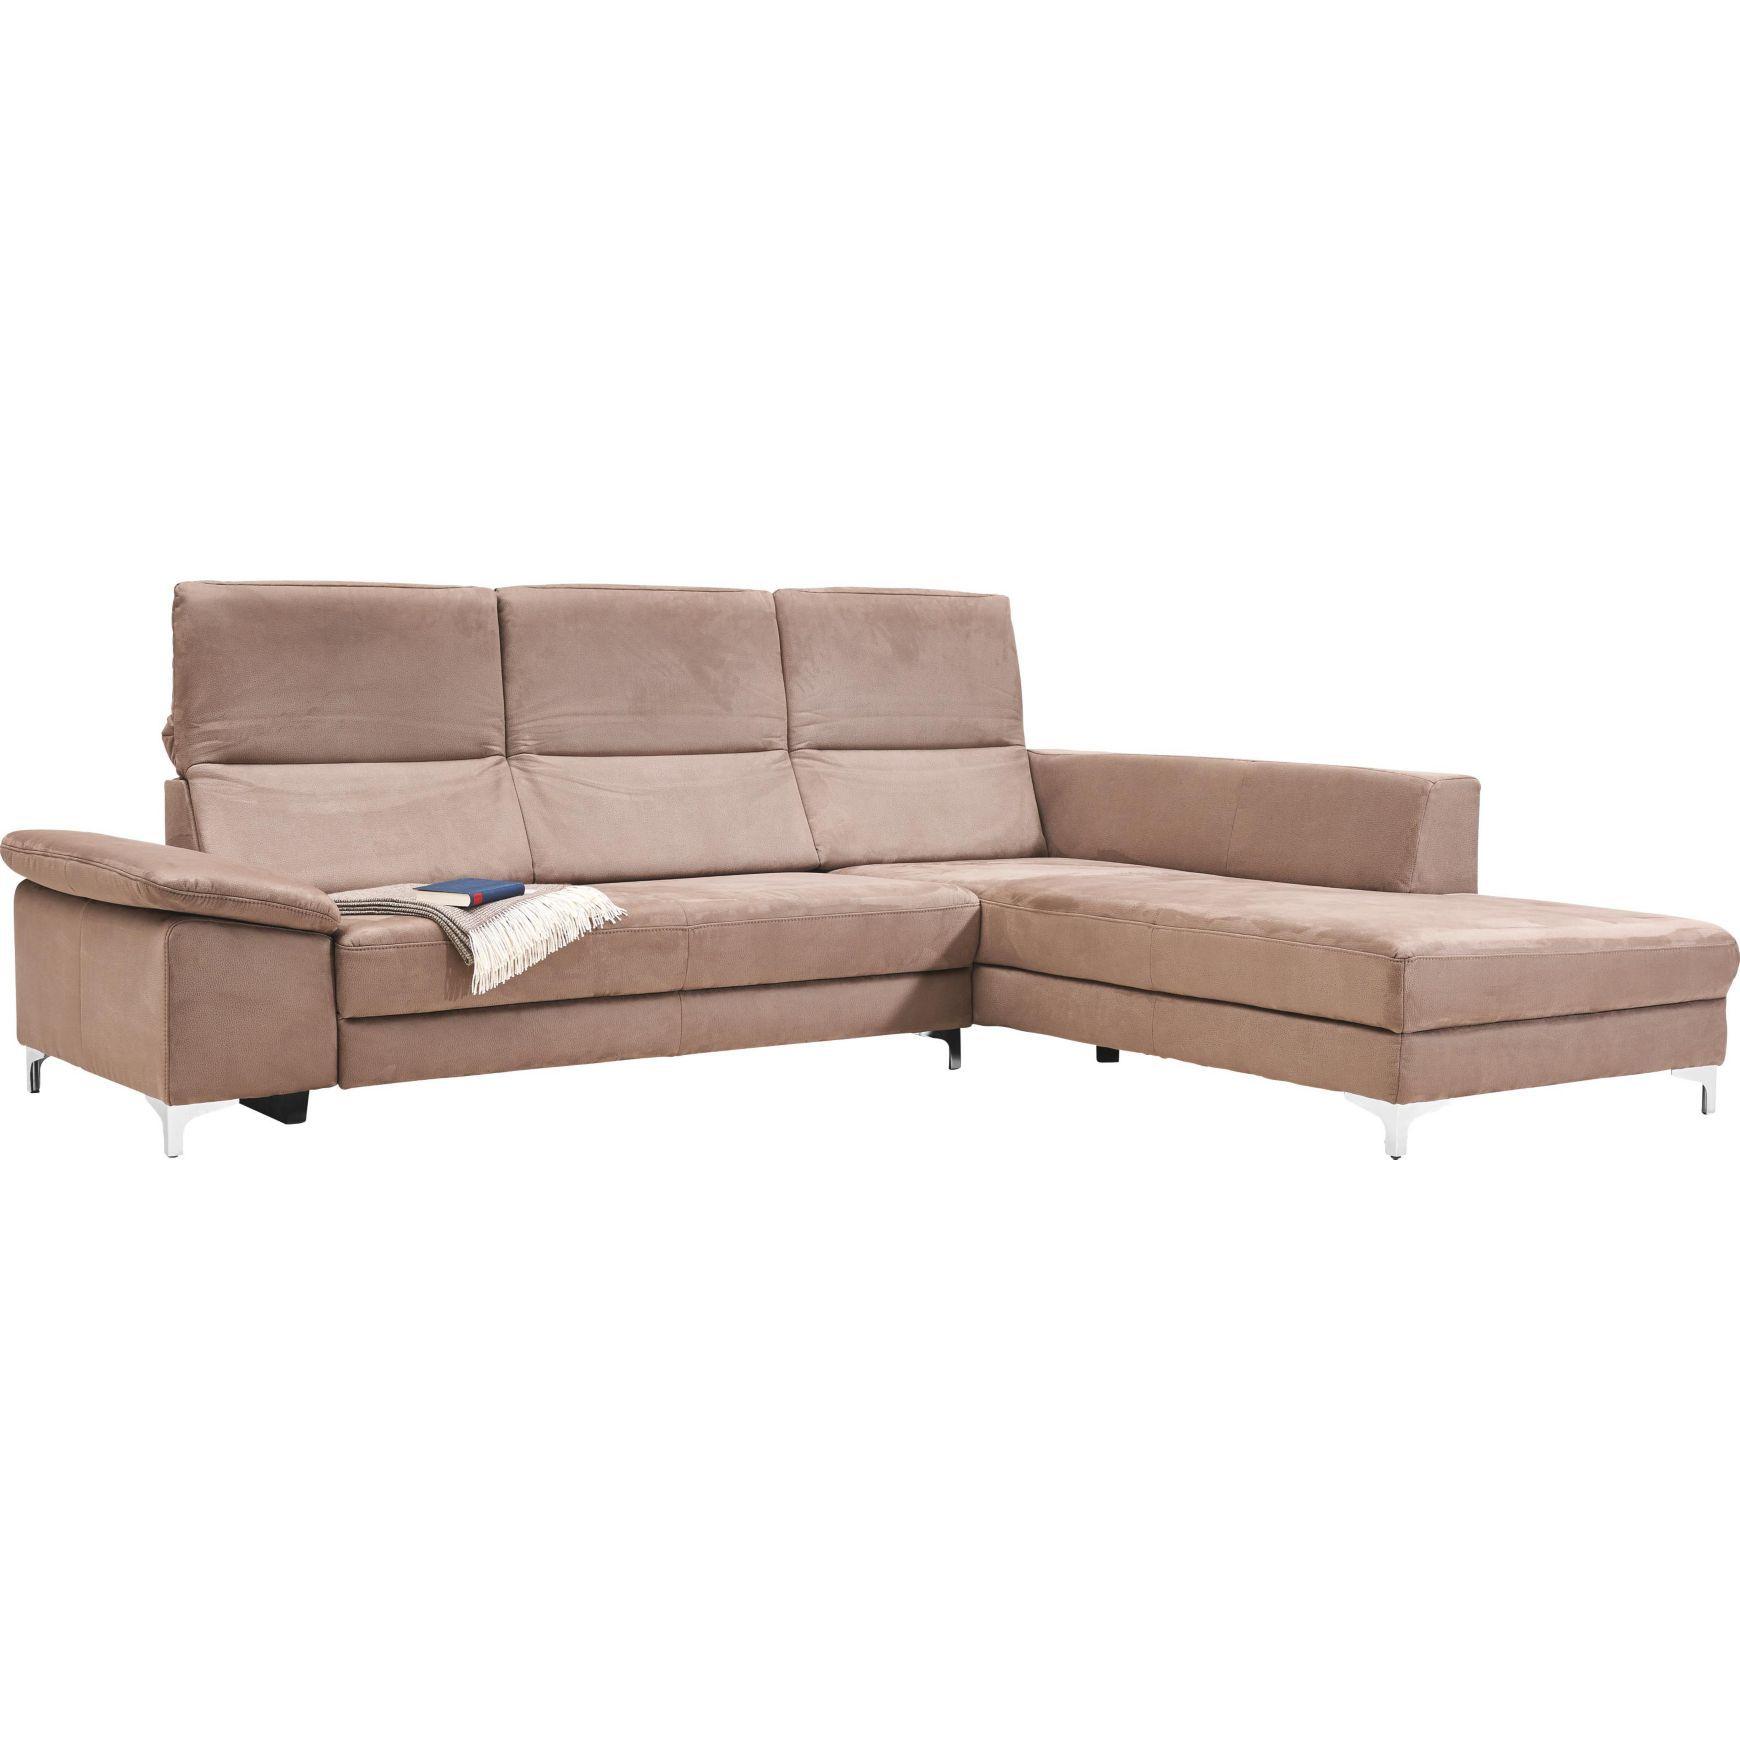 Brilliant Sessel Bettfunktion Ideen Von Wohnlandschaft - Polstermöbel Mit - Sofas, -